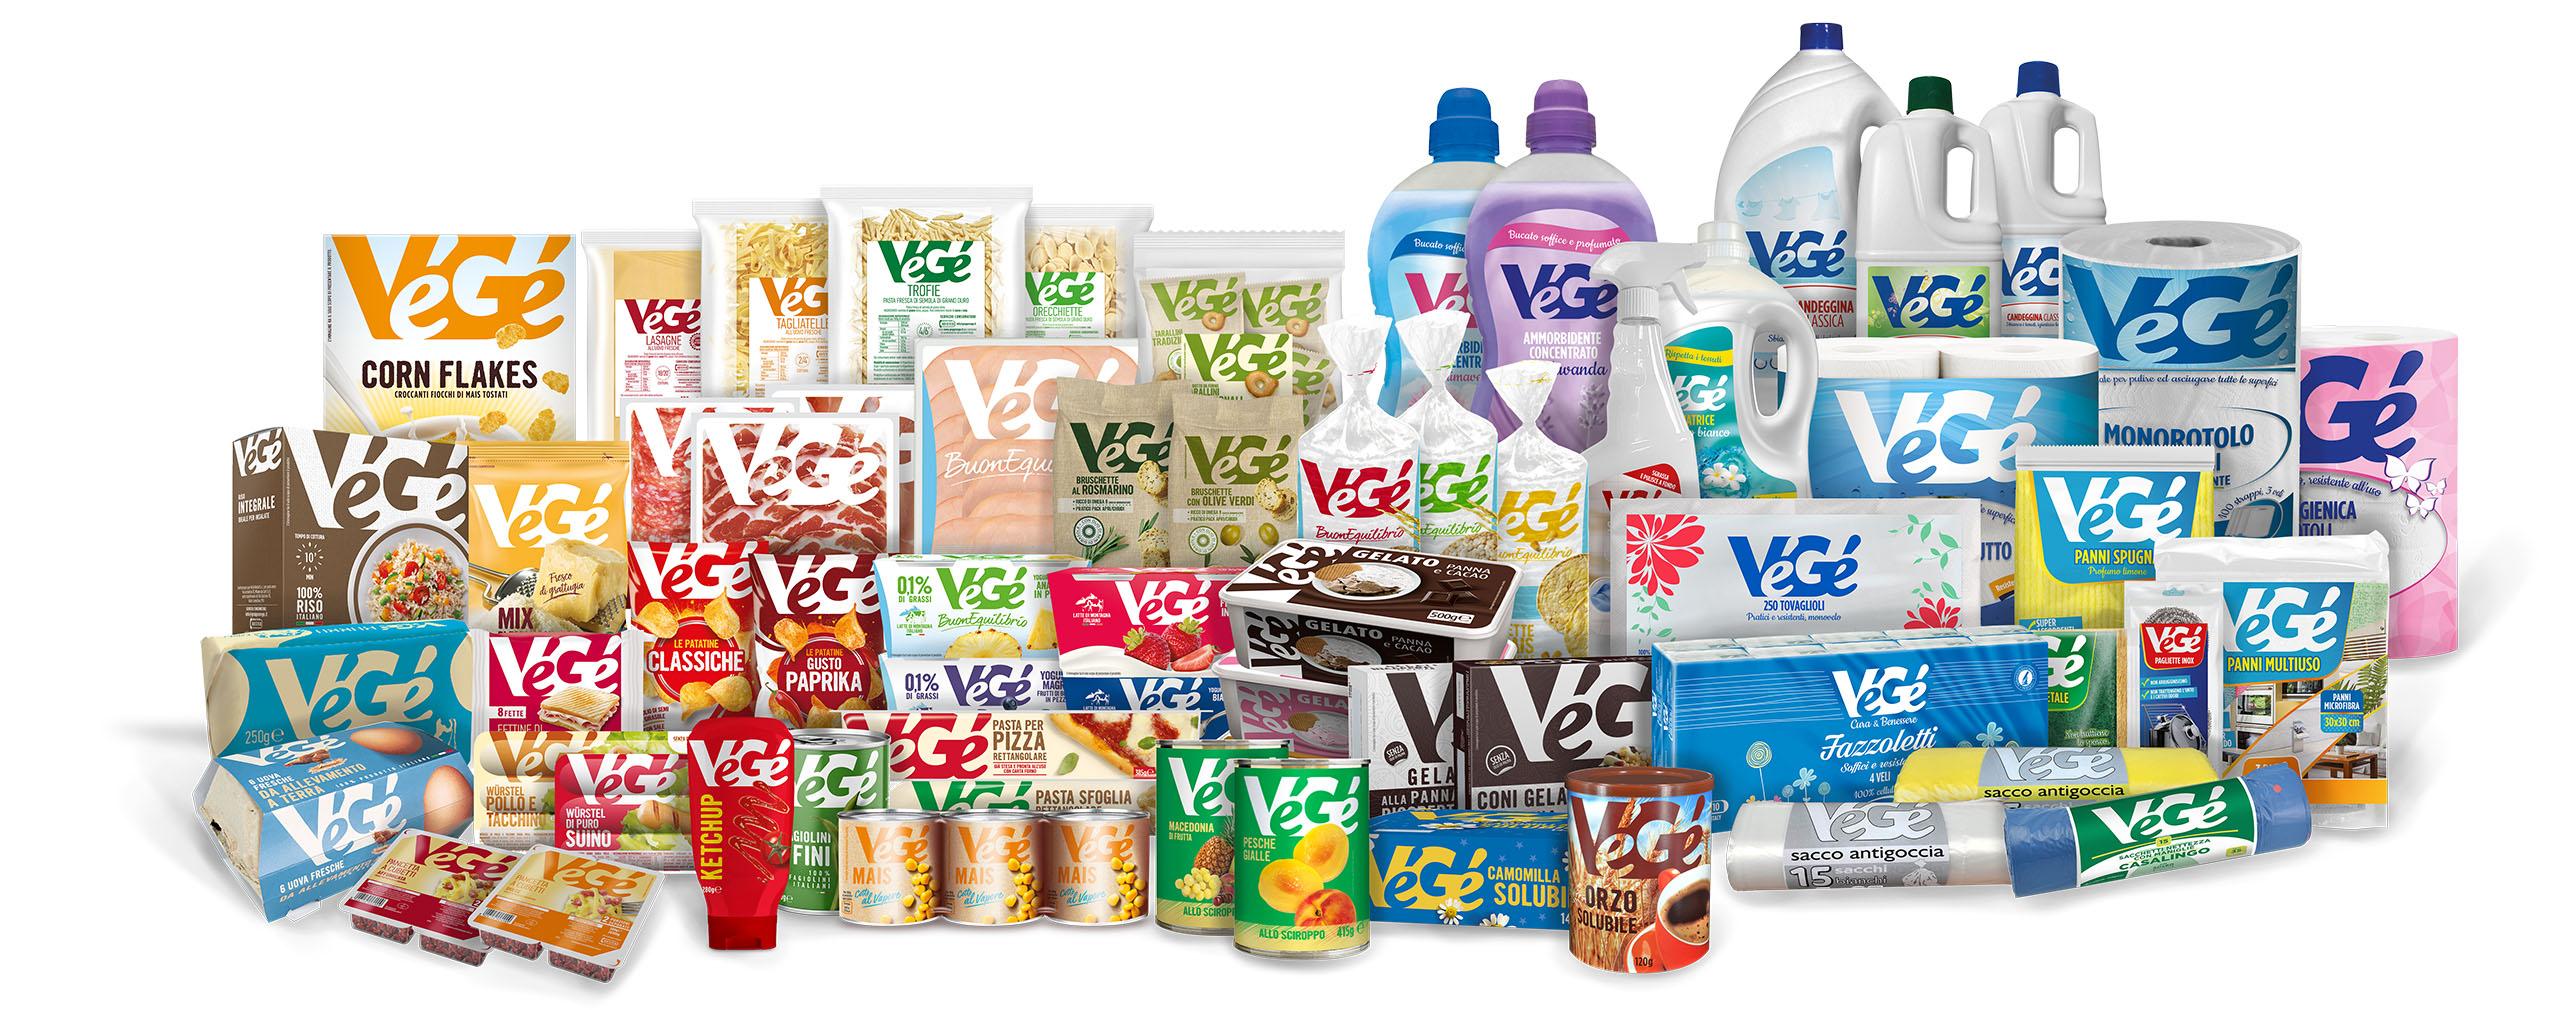 Prodotti Vegé GDO (Grande Distribuzione Organizzata)